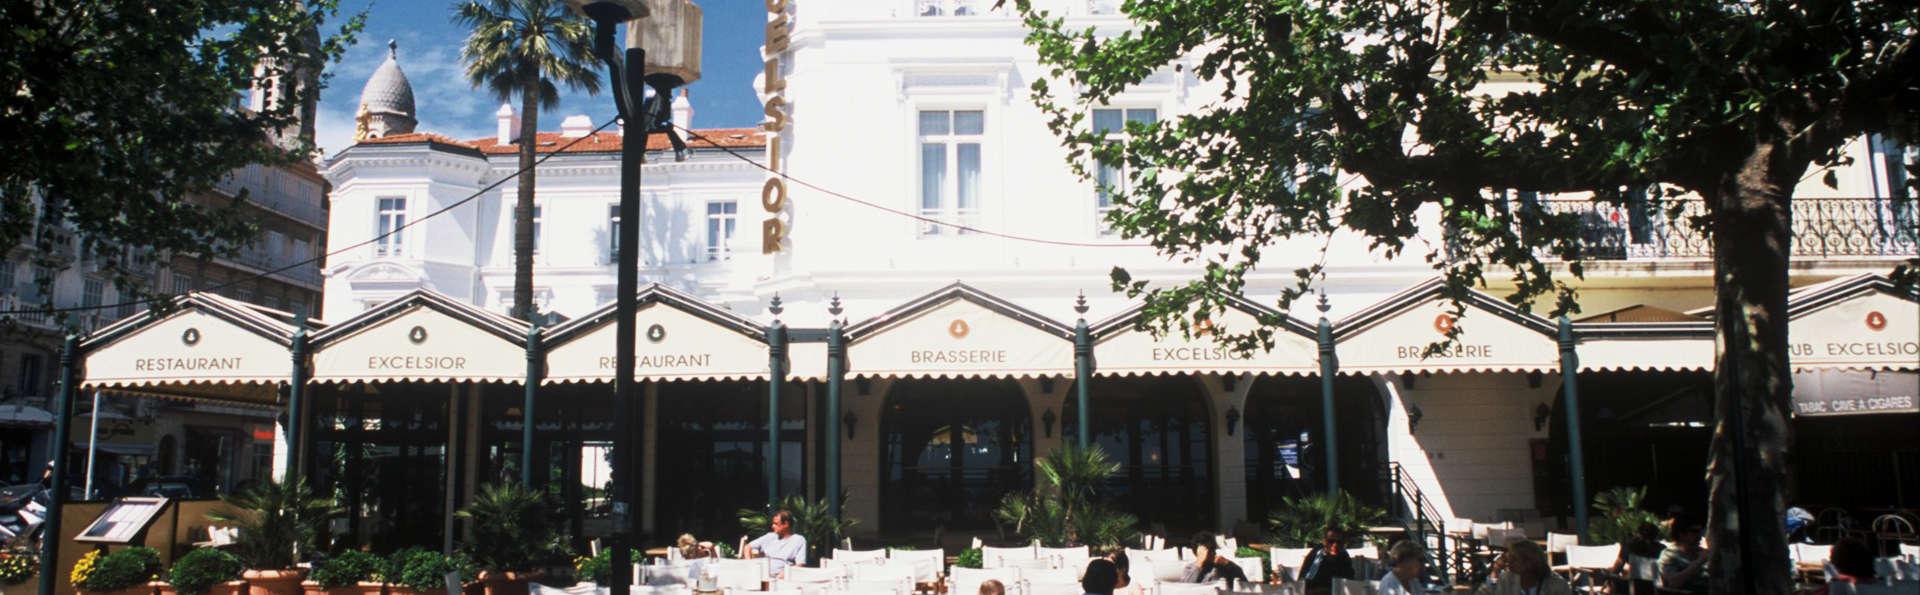 Hôtel Excelsior  - EDIT_front.jpg